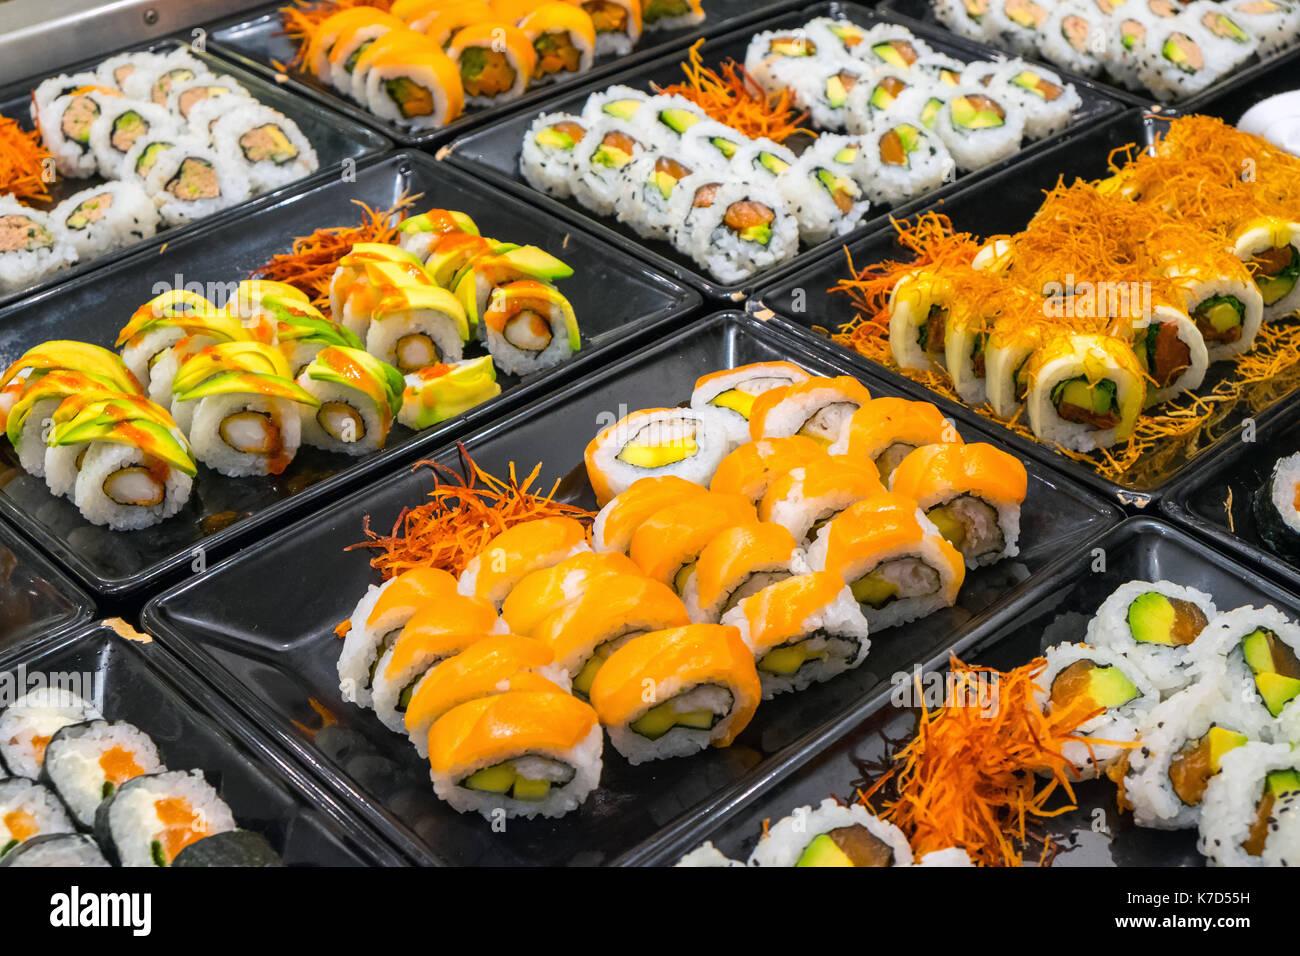 Seafood Buffet Restaurant Stock Photos & Seafood Buffet Restaurant Stock Images - Alamy